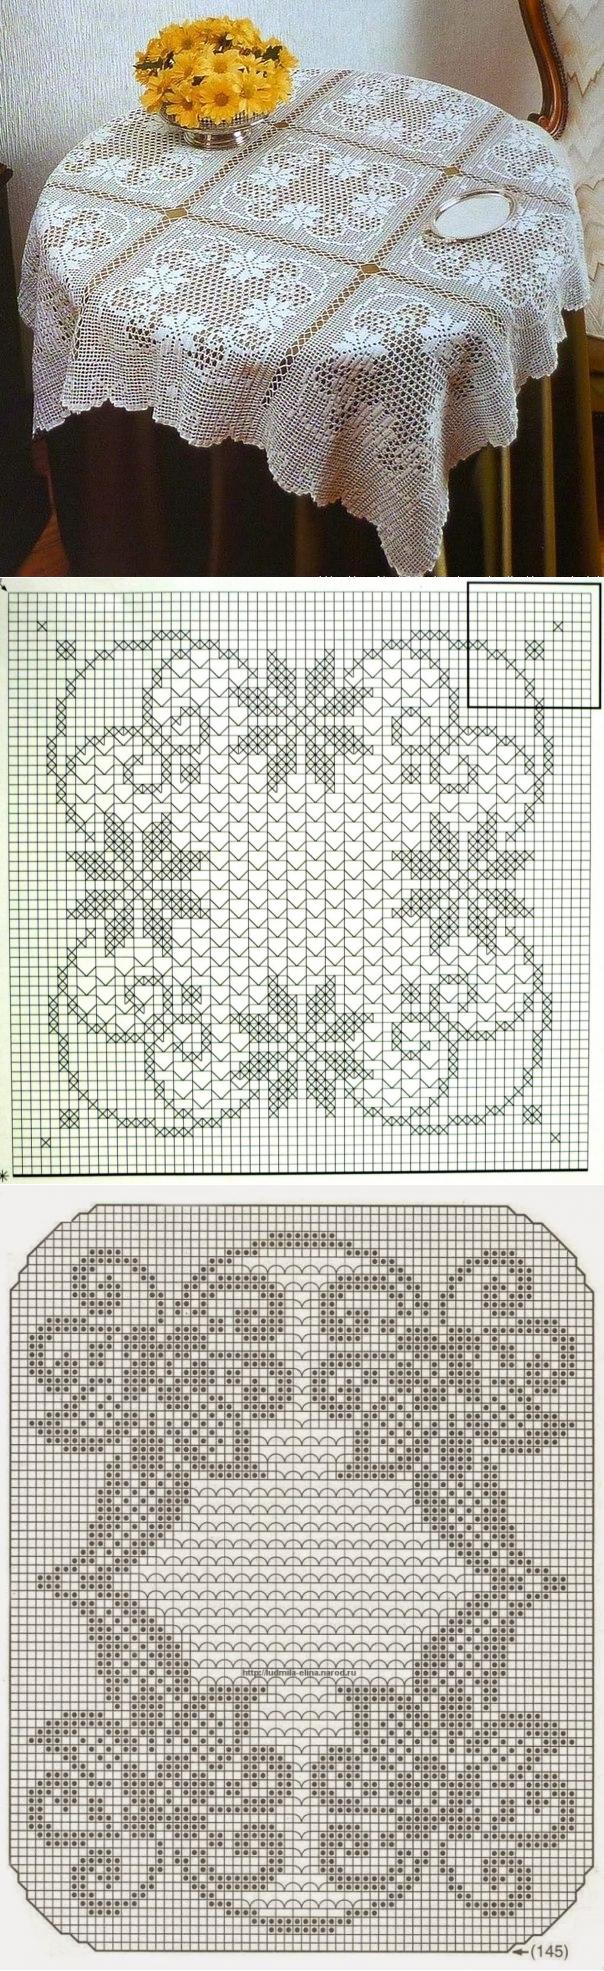 скатерти и салфетки вязанные   Tischdecken, Runde tischdecke und Häkeln